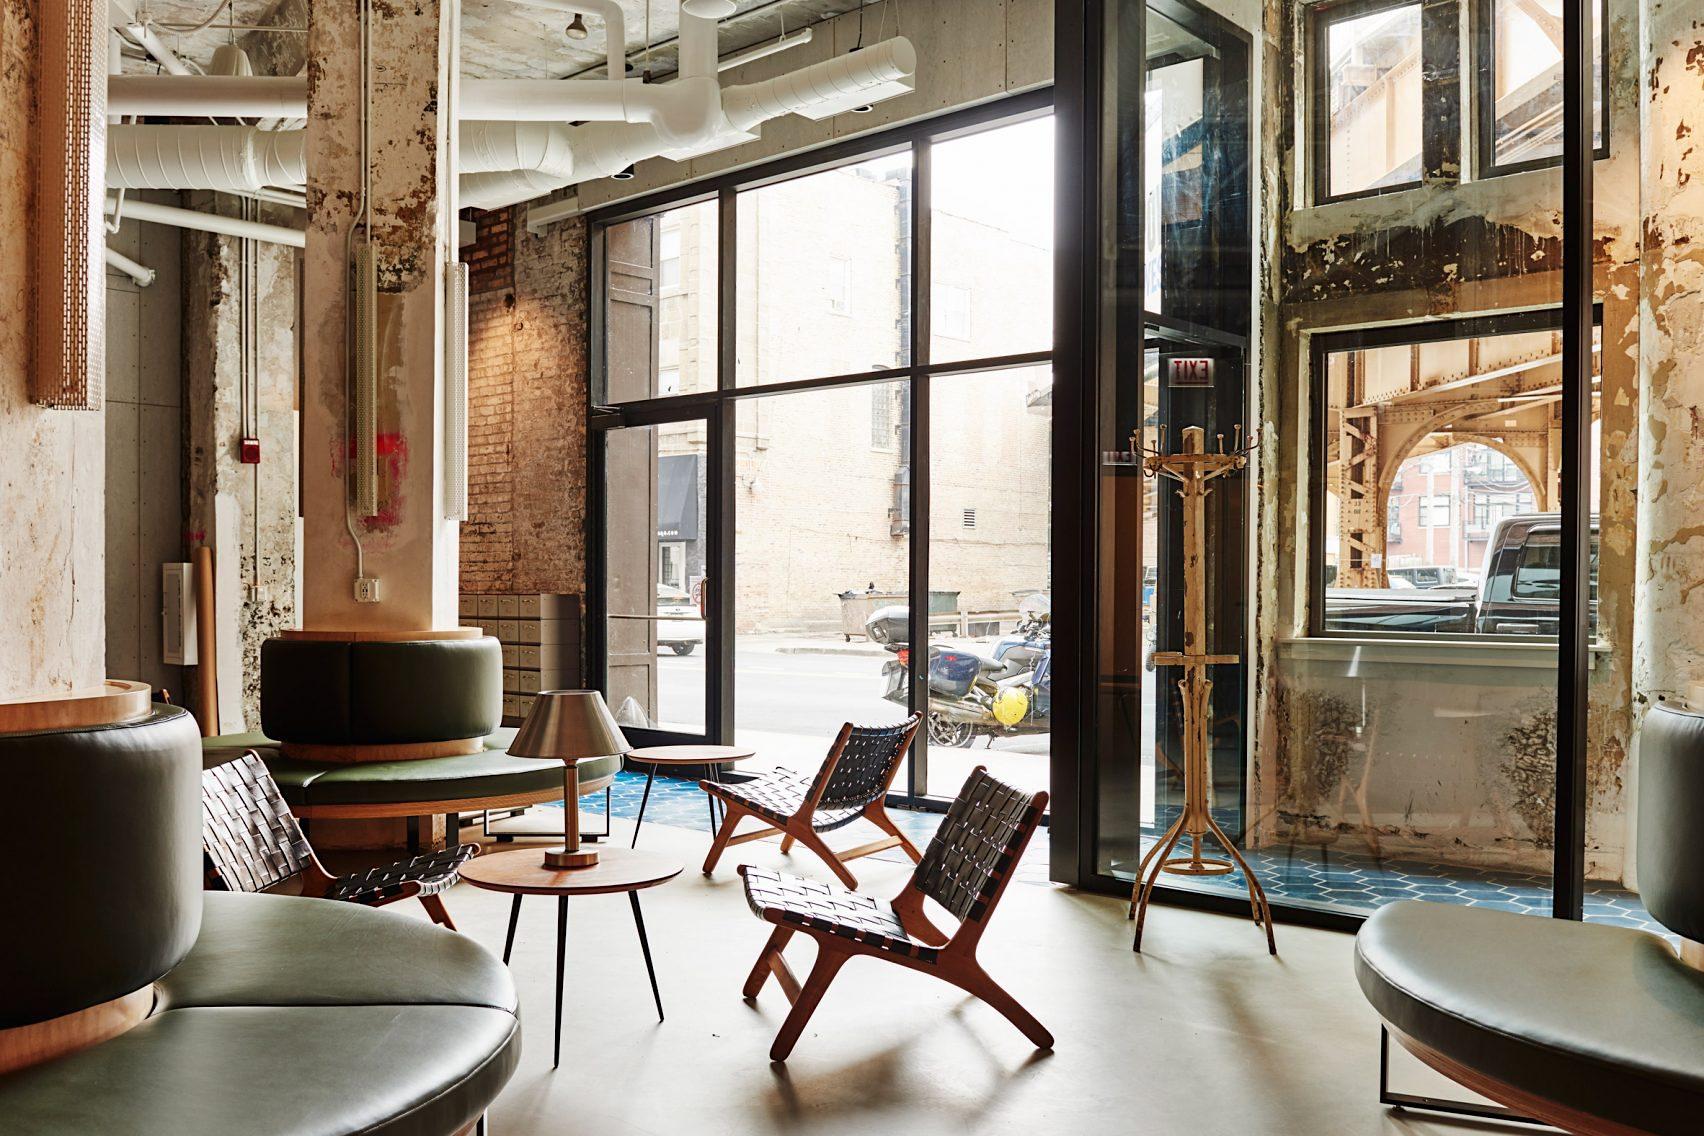 歴史ある建物のテクスチャーとモダンな家具とのコントラストが迎えるホステルの店舗デザイン